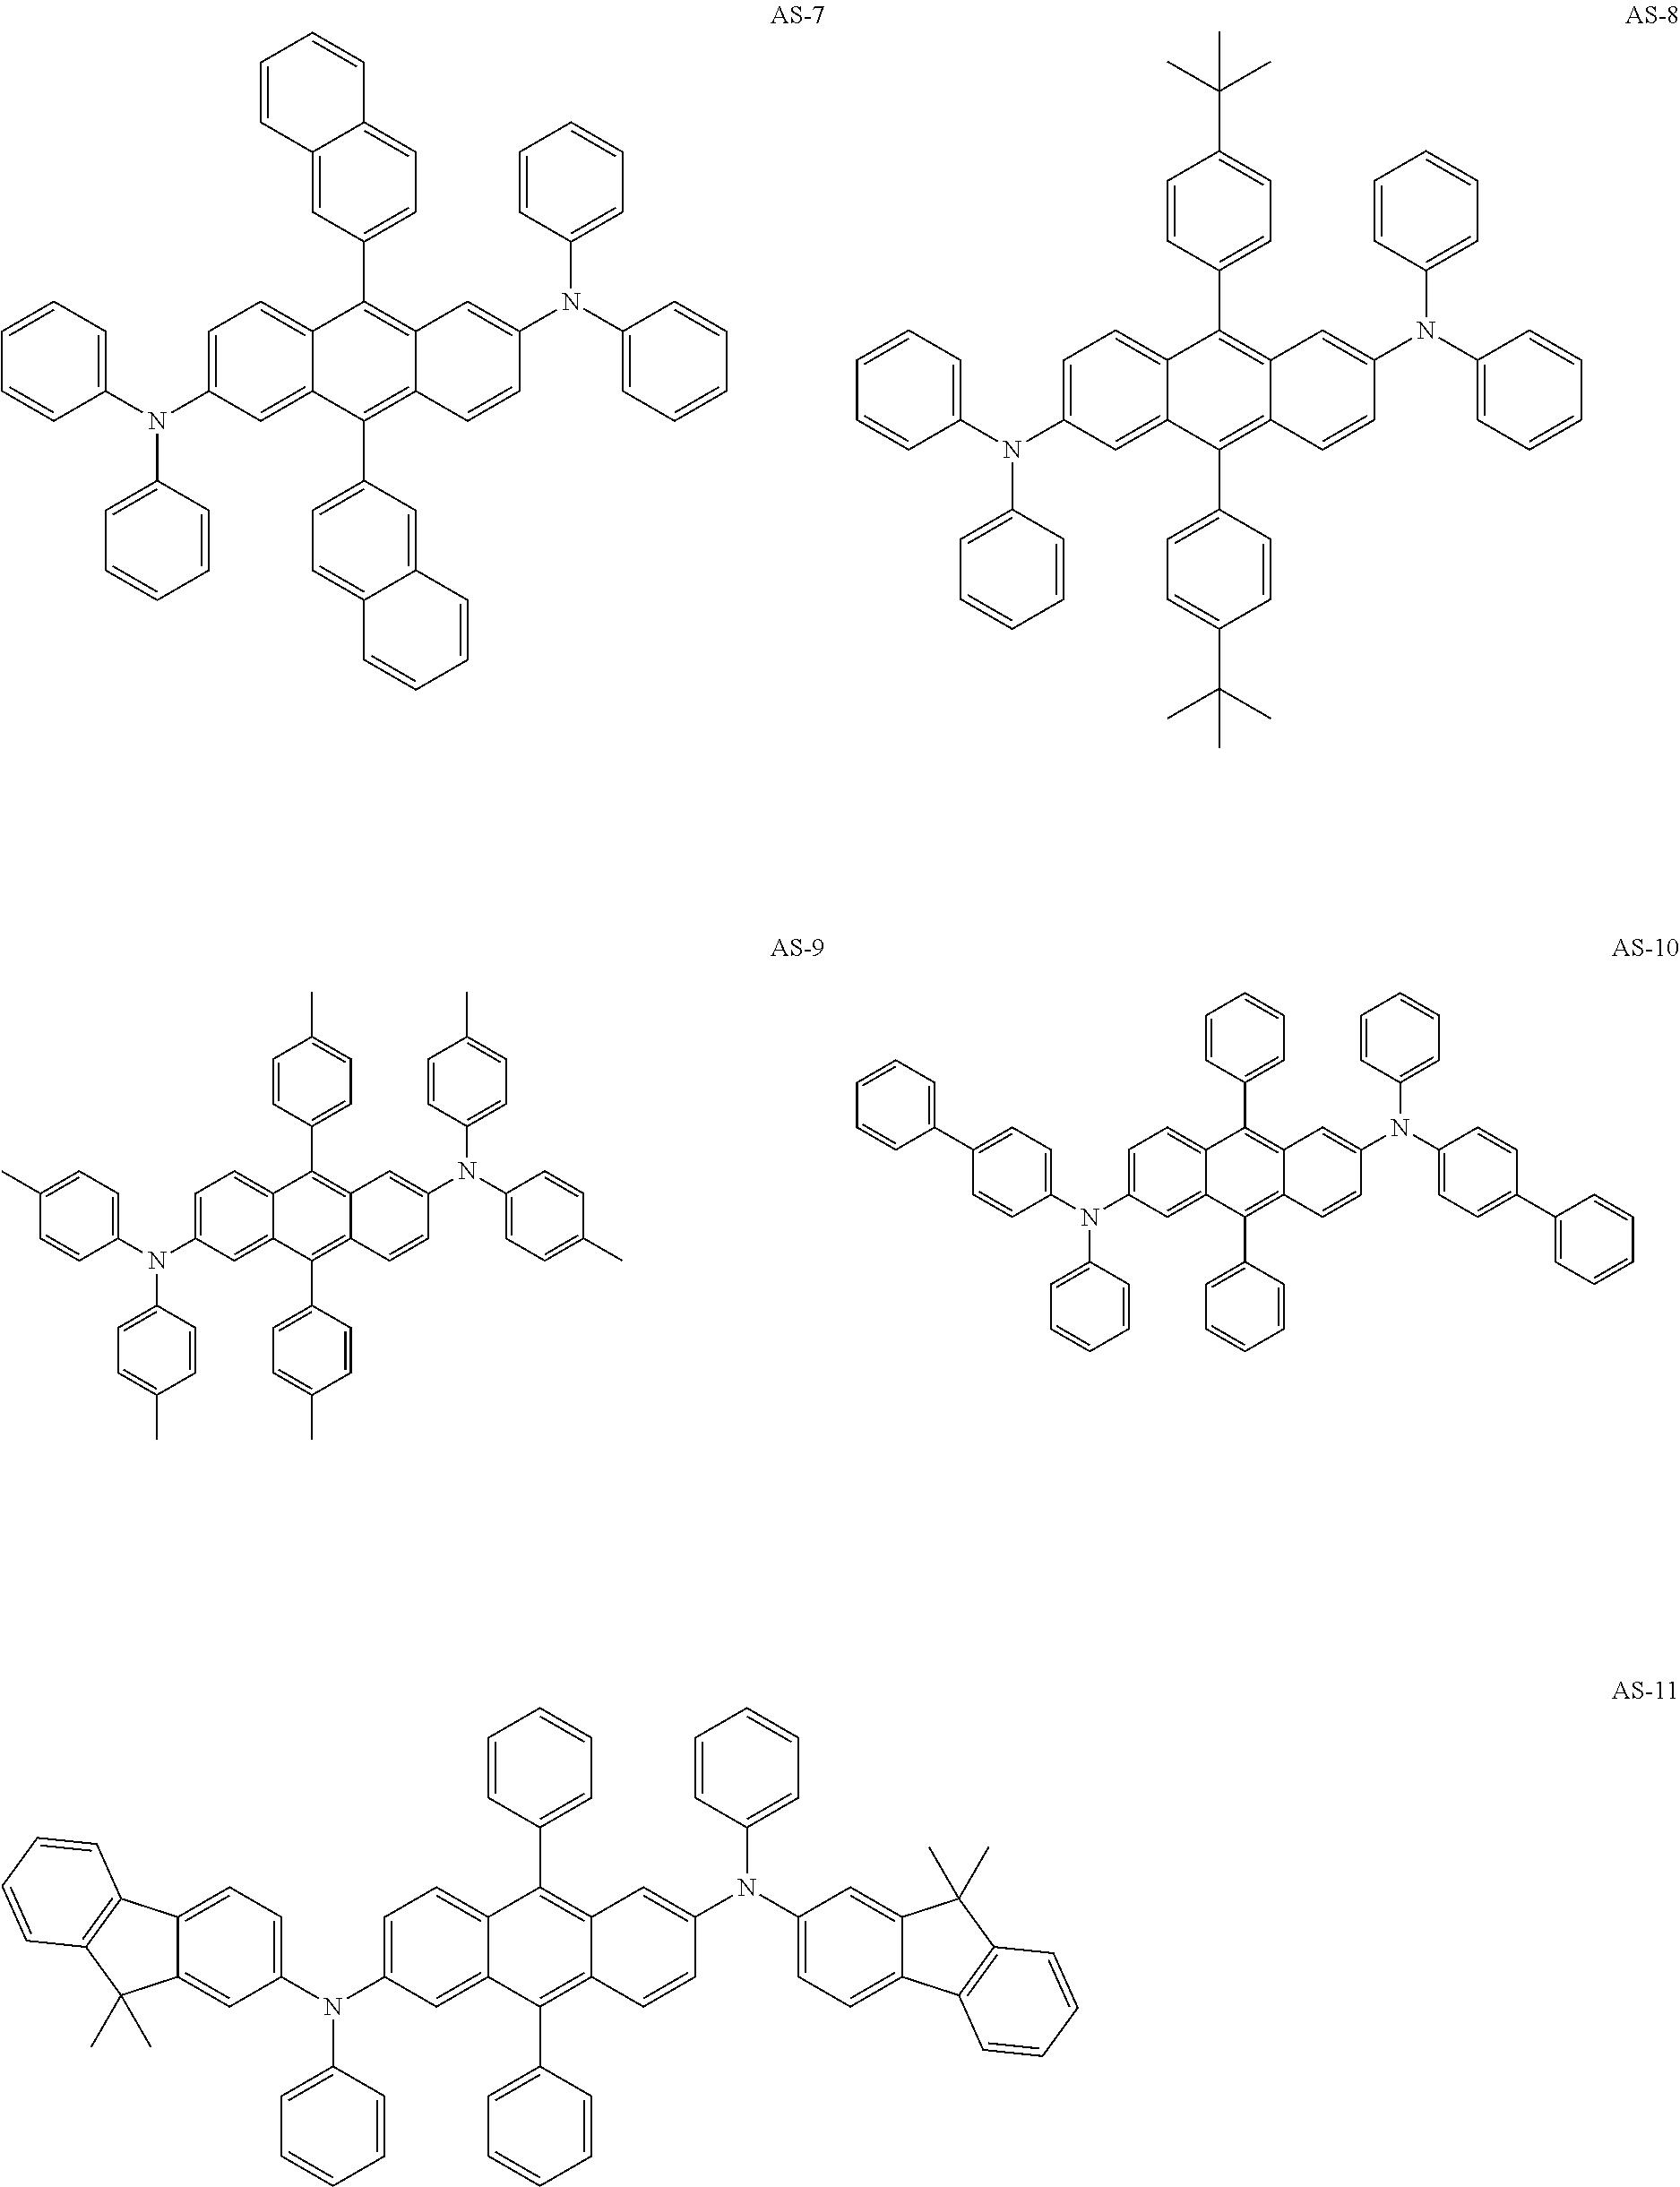 Figure US20110018429A1-20110127-C00015